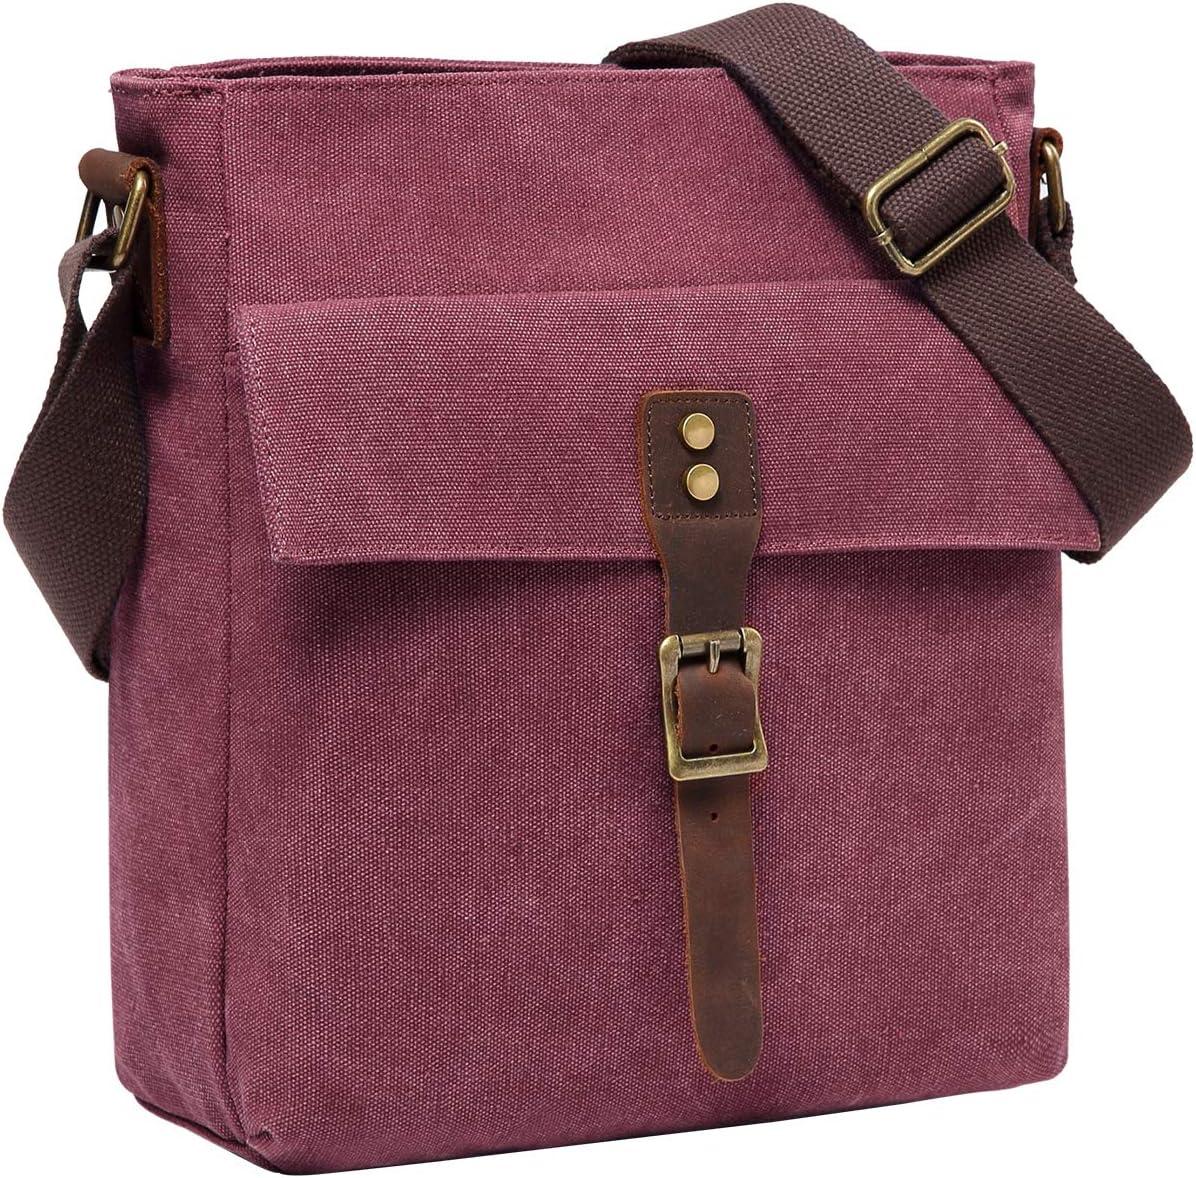 Small Messenger Bag for Women, Kasqo Vintage Canvas Leather Lightweight Shoulder Crossbody Bag Wine Red